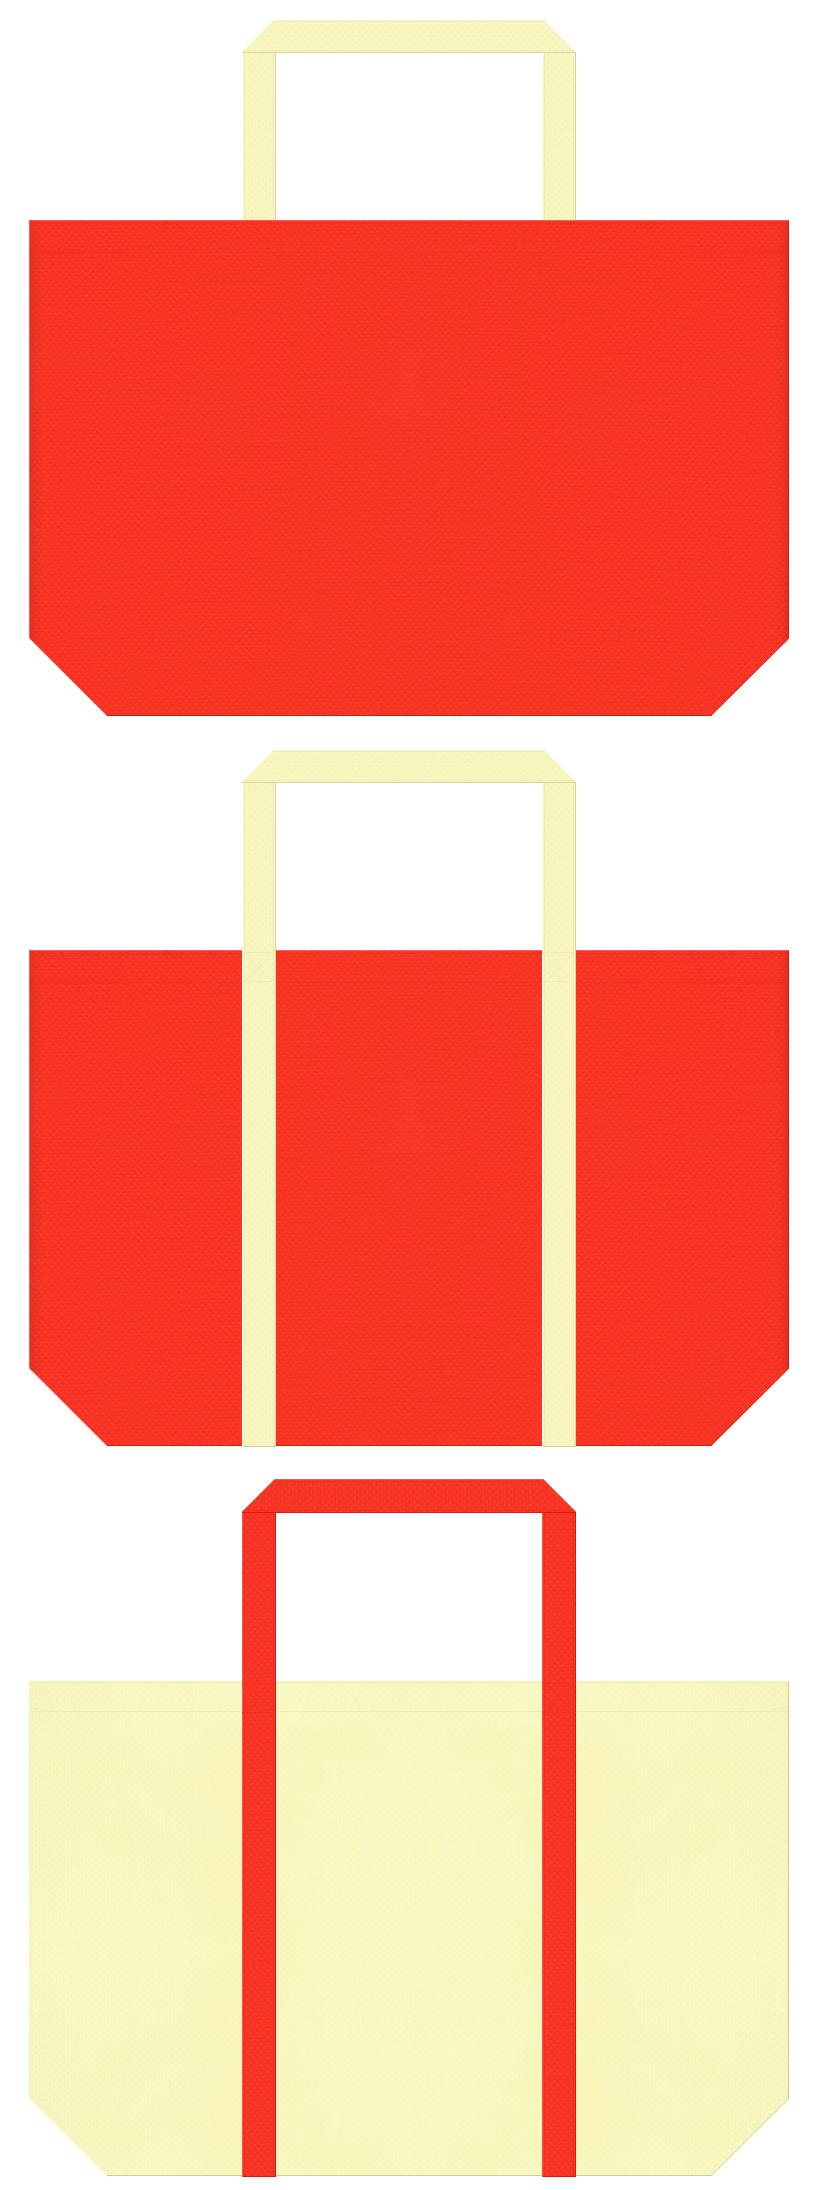 サラダ油・調味料・お料理教室・レシピ・キッチン・ランチバッグにお奨めの不織布バッグデザイン:オレンジ色と薄黄色のコーデ